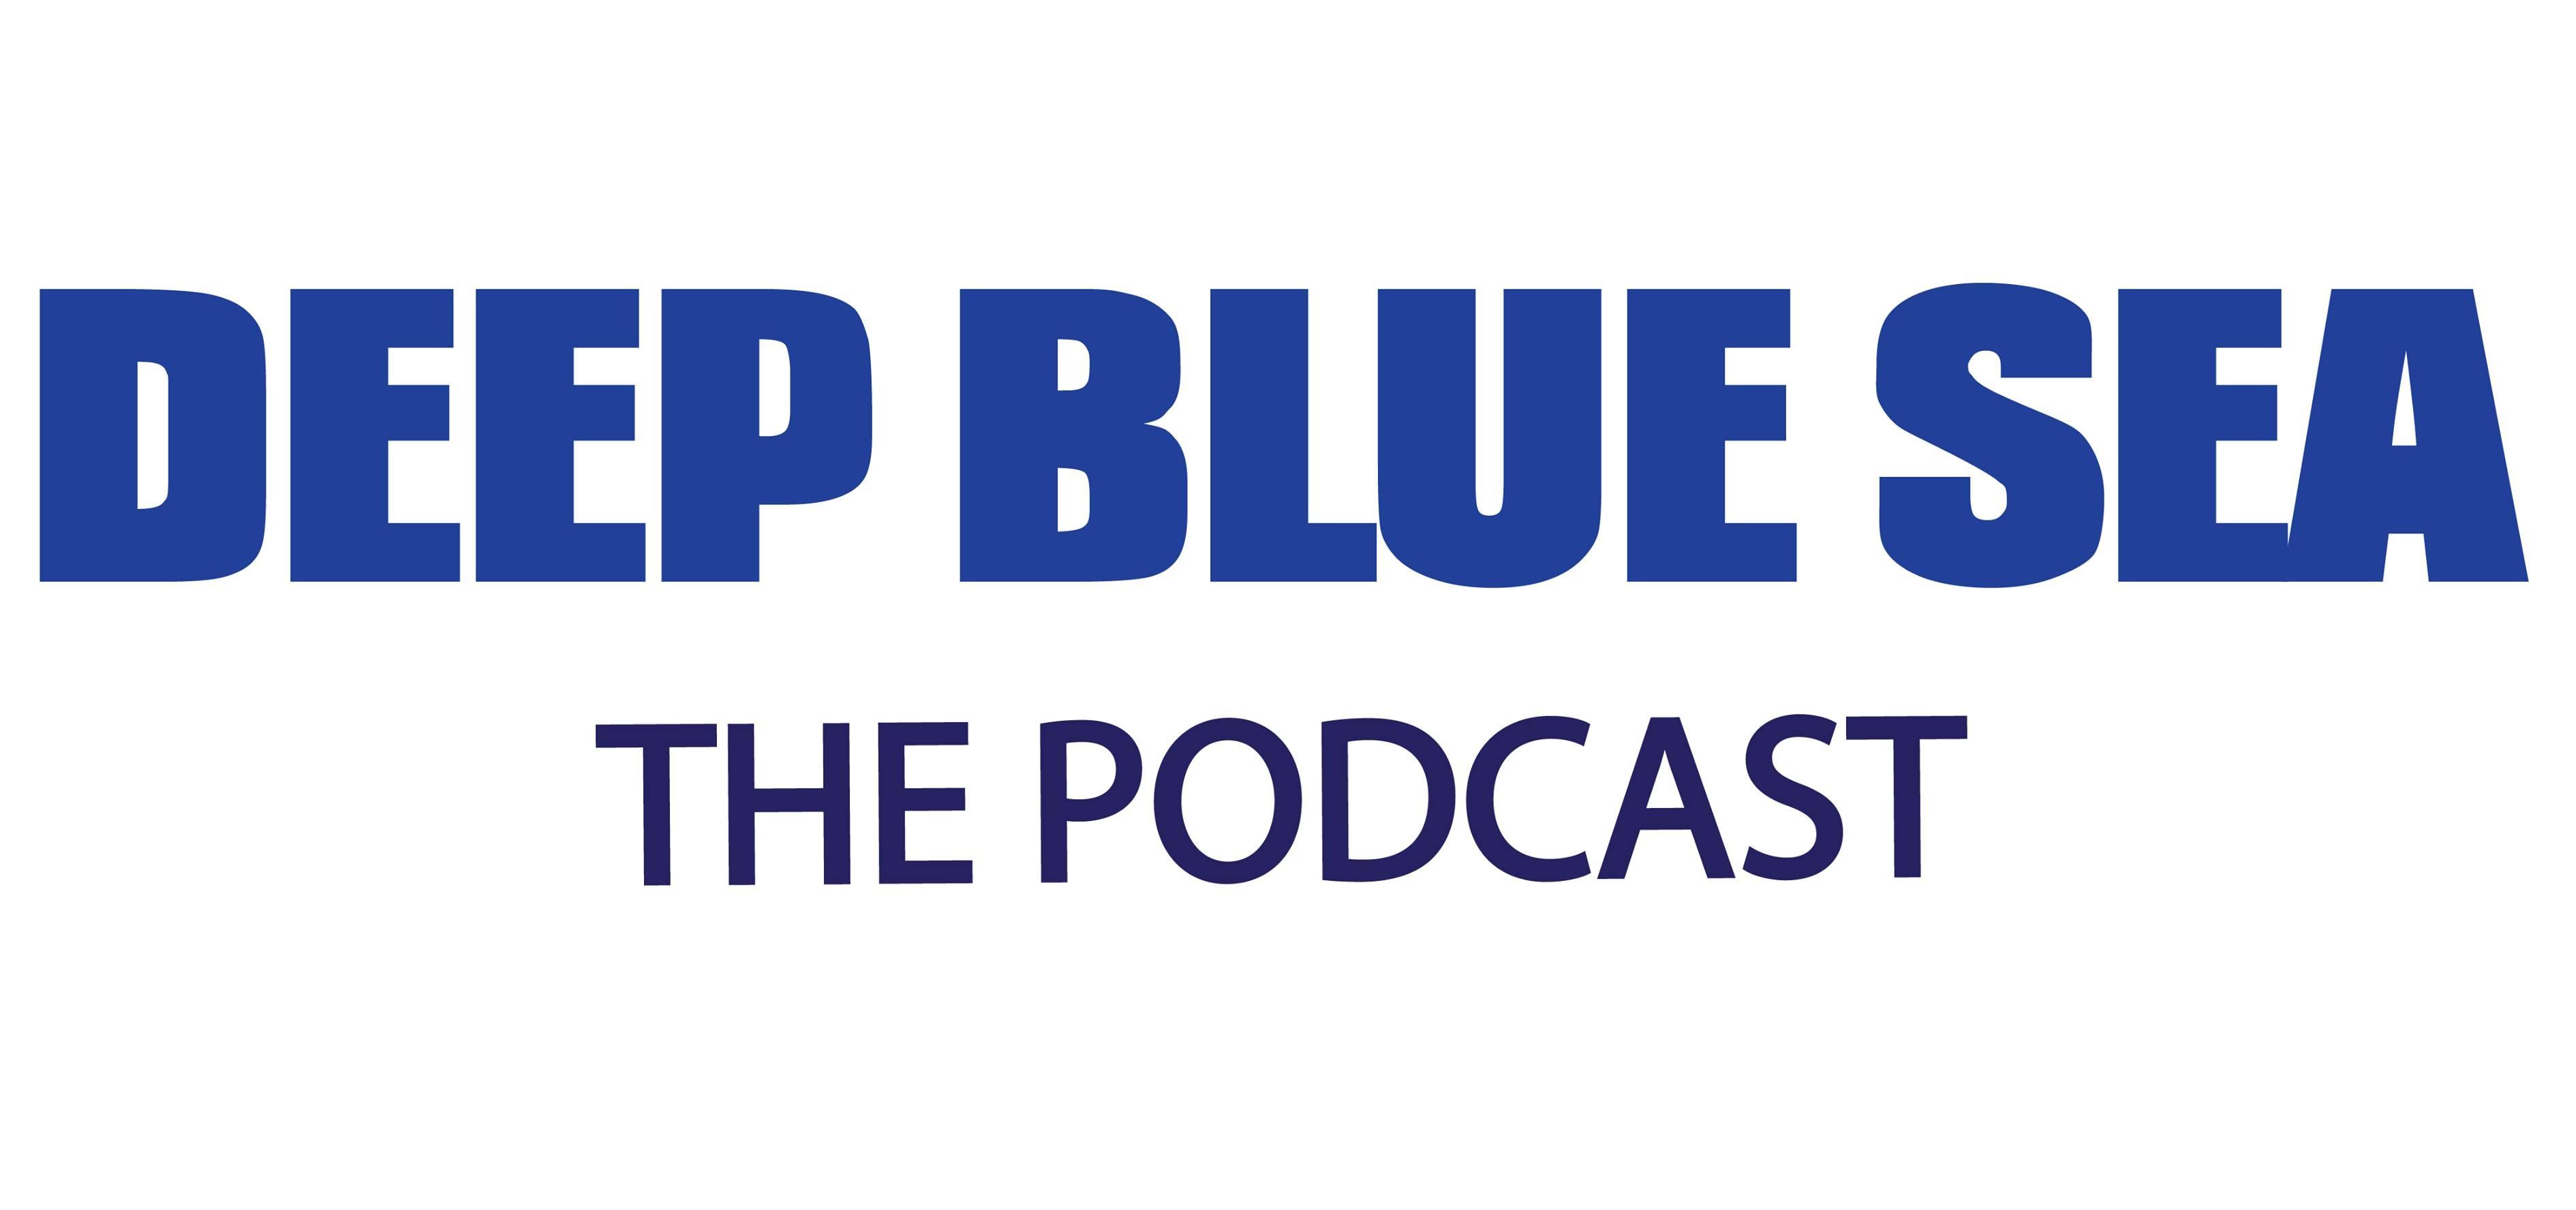 DBS - TP banner